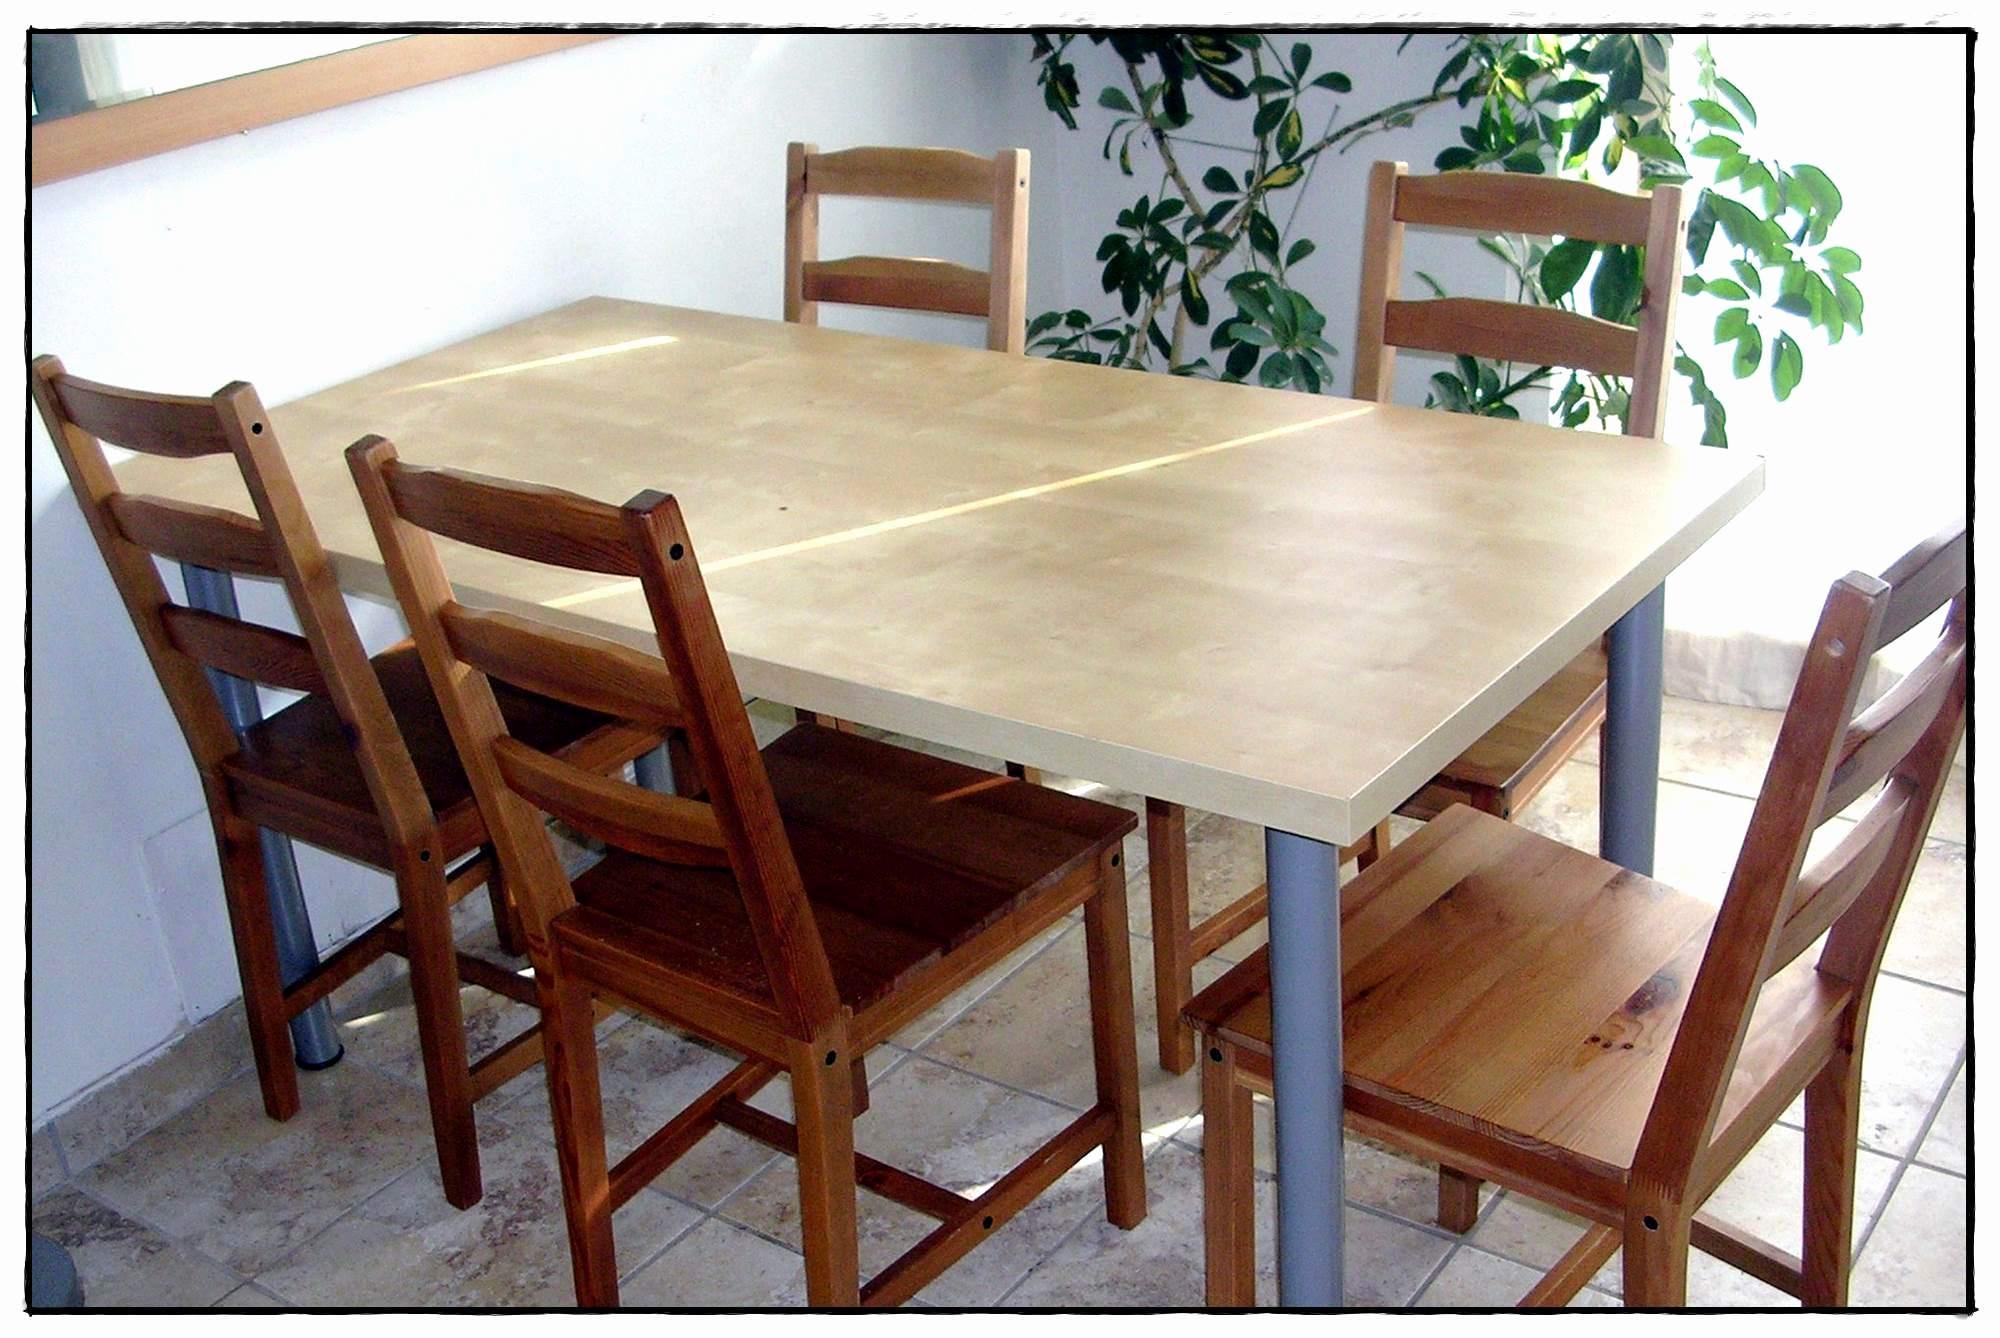 Chaises De Jardin Ikea Élégant Image Ikea Chaise De Jardin Affordable Chaises De Jardin En soldes Chaise